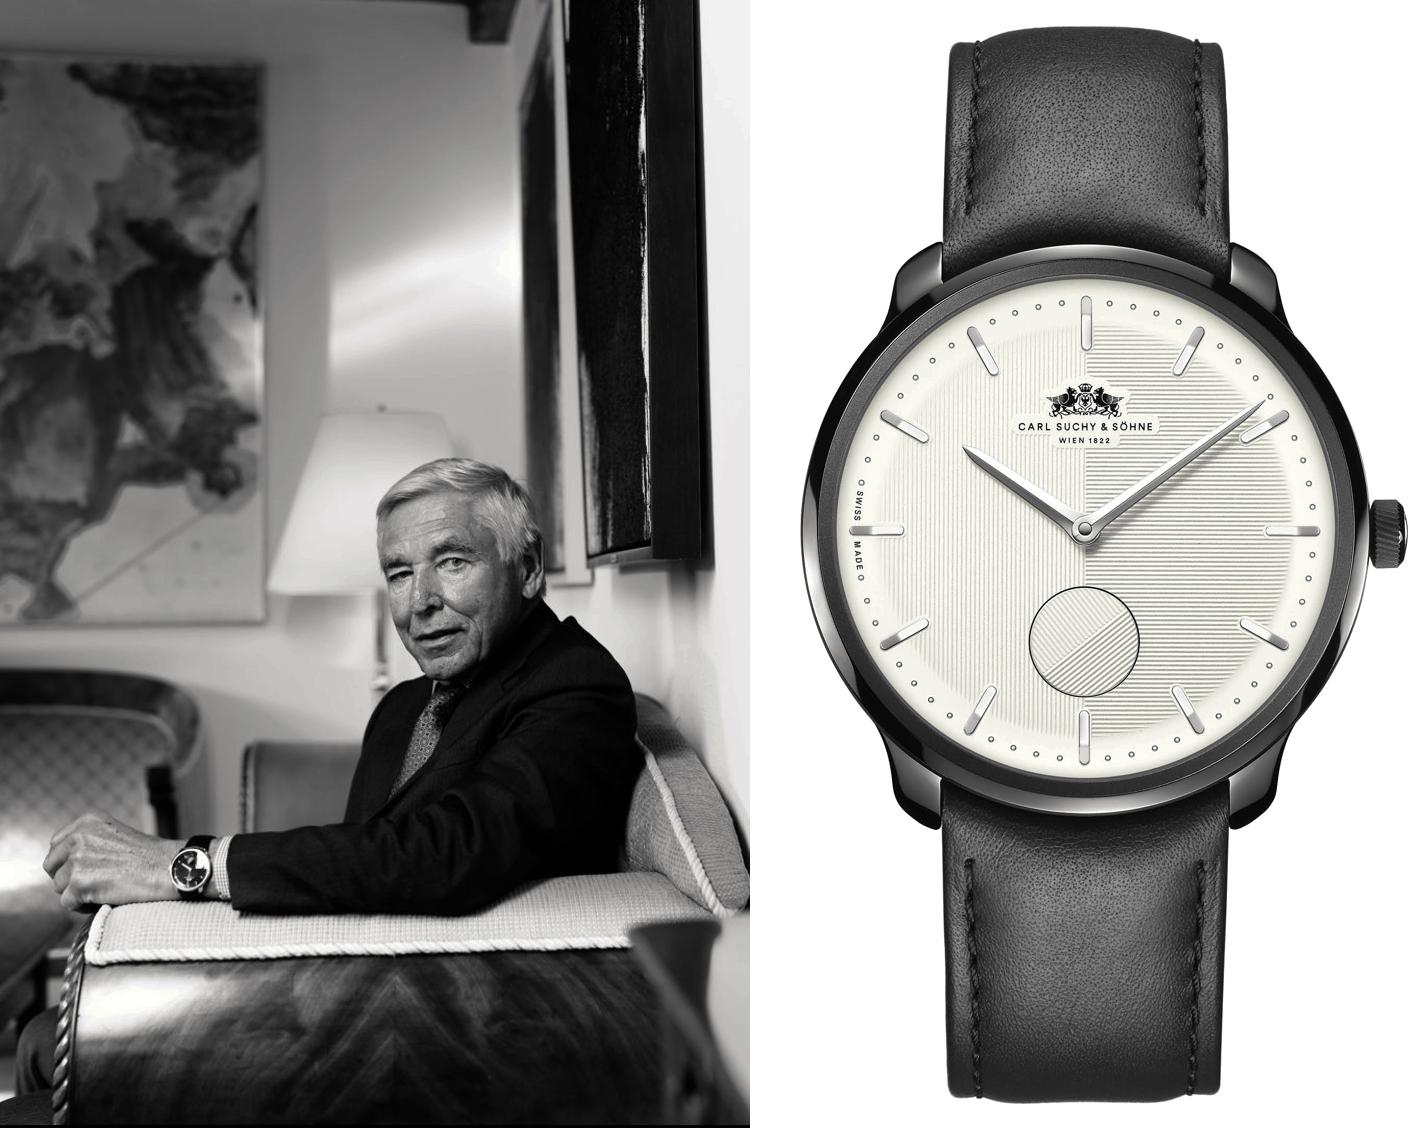 Carl Suchy Uhr mit Peter Brabeck-Letmathe